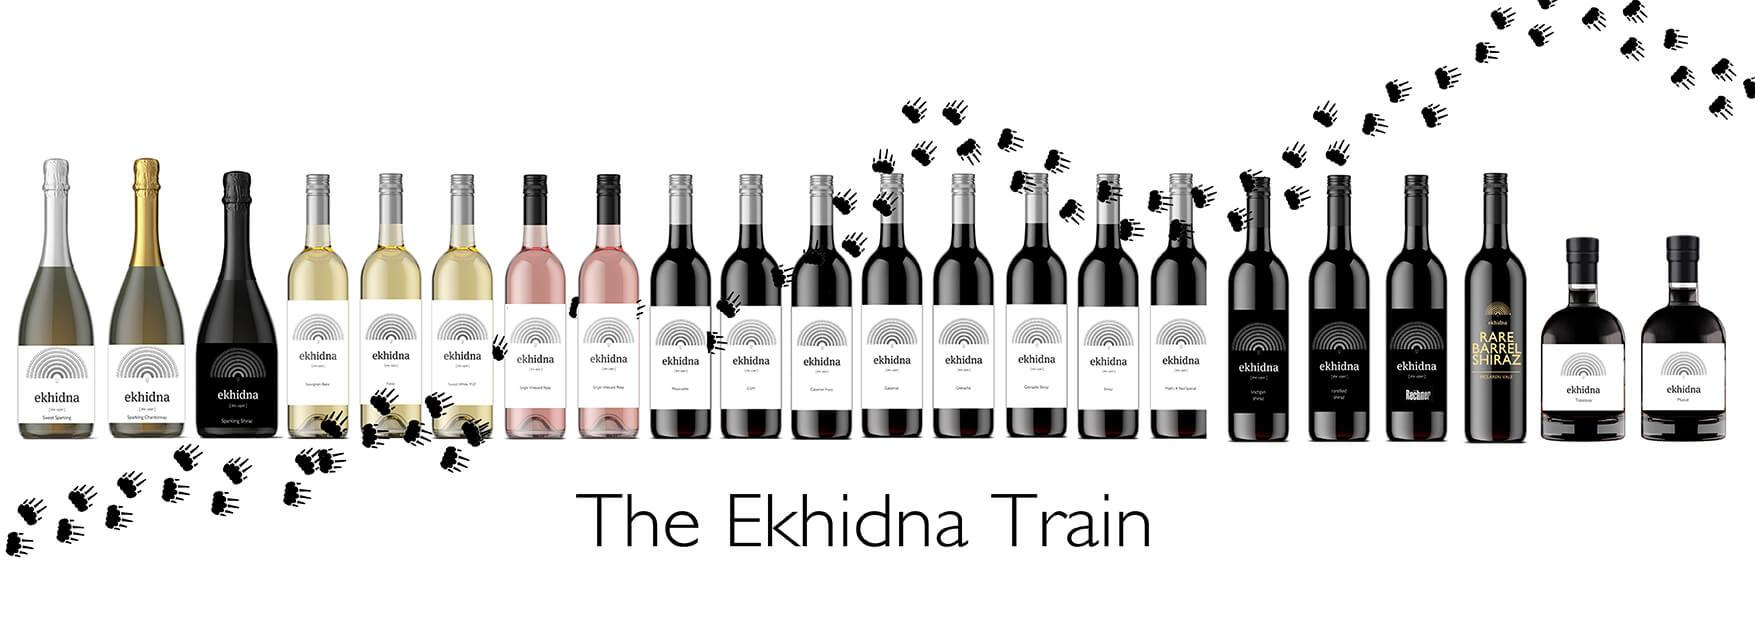 Buy Ekhidna Wines Online